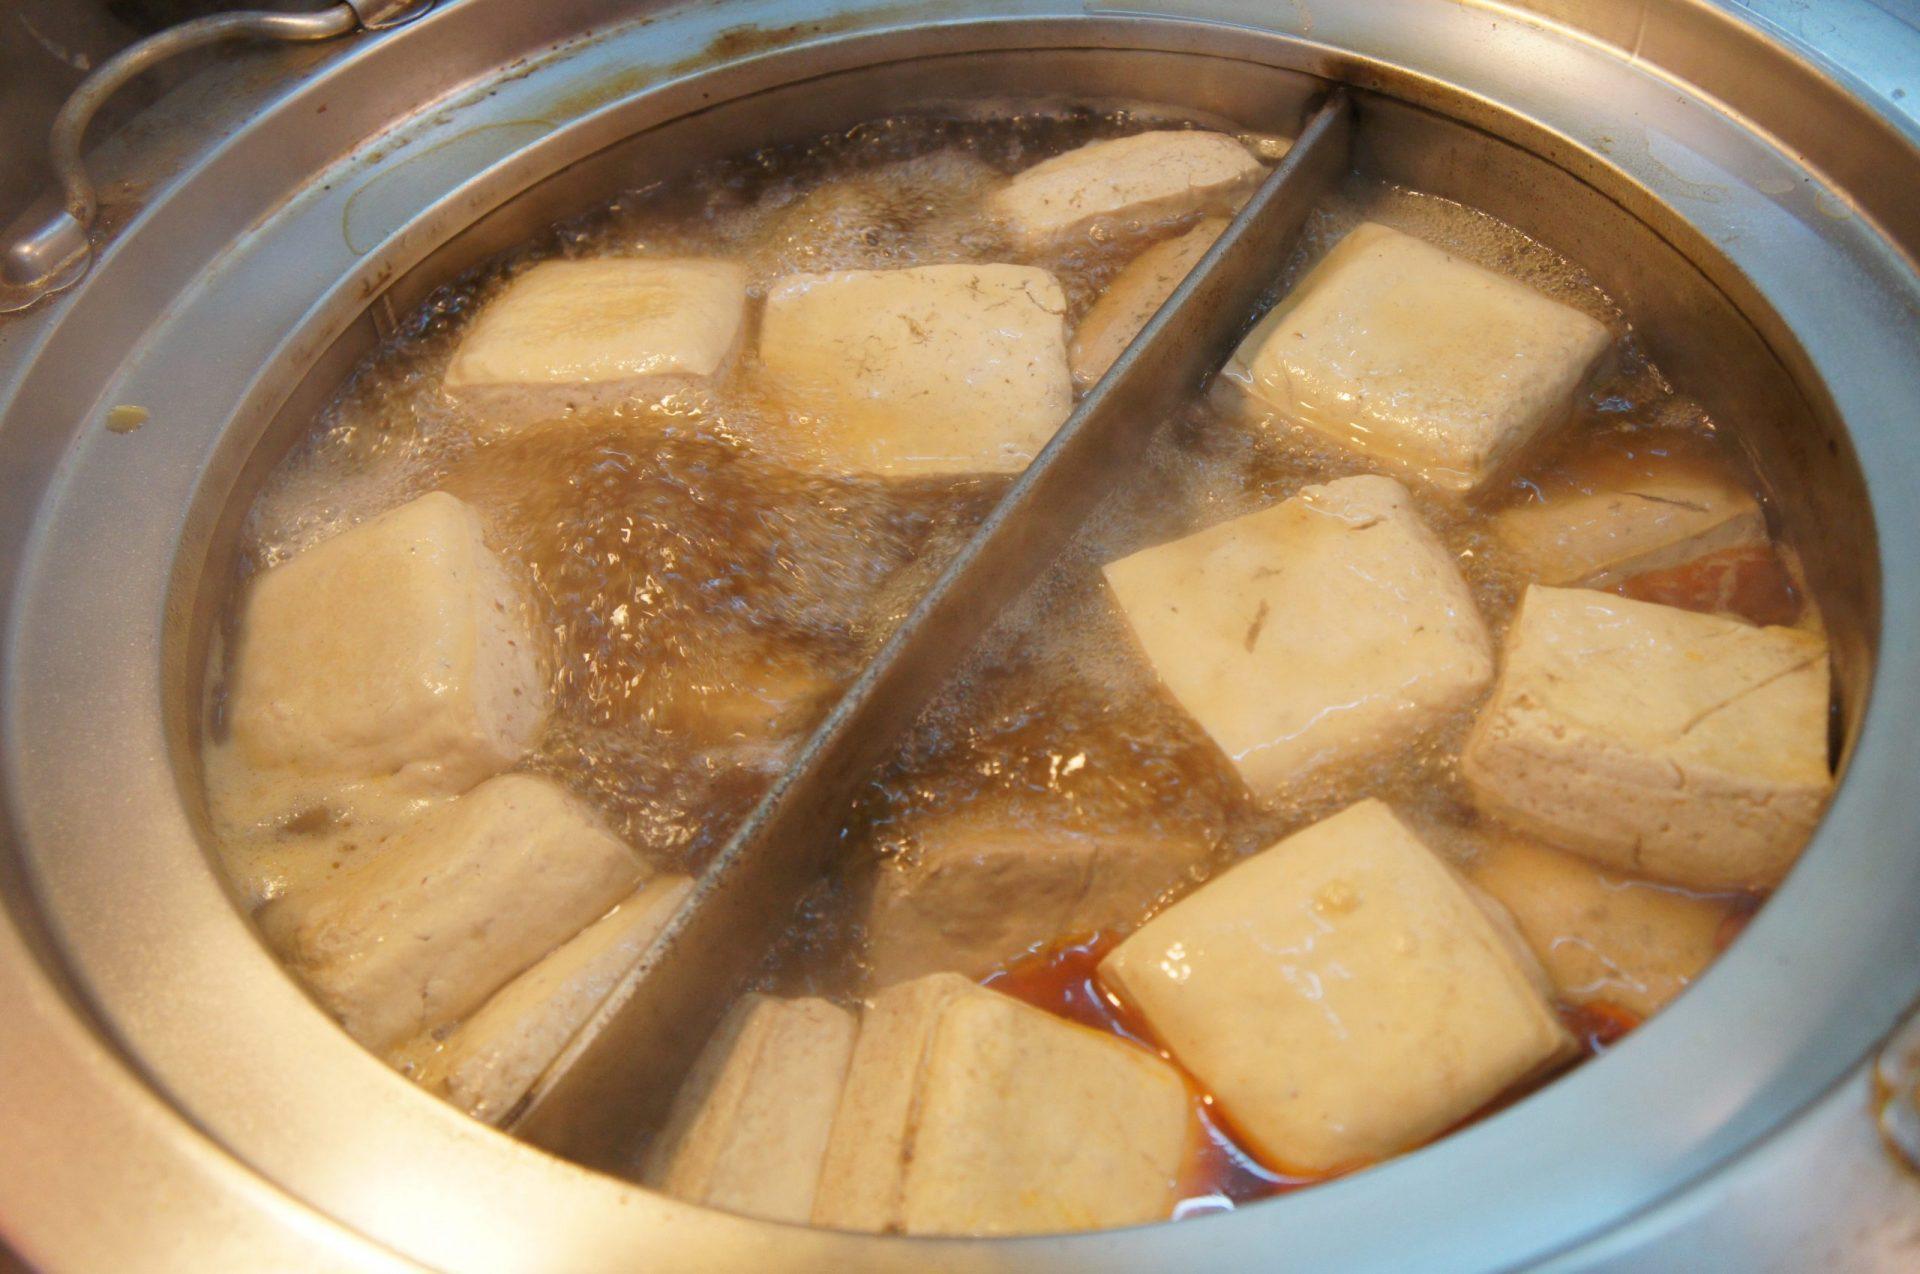 九份金瓜石素食   九份第一家臭豆腐,食謎店